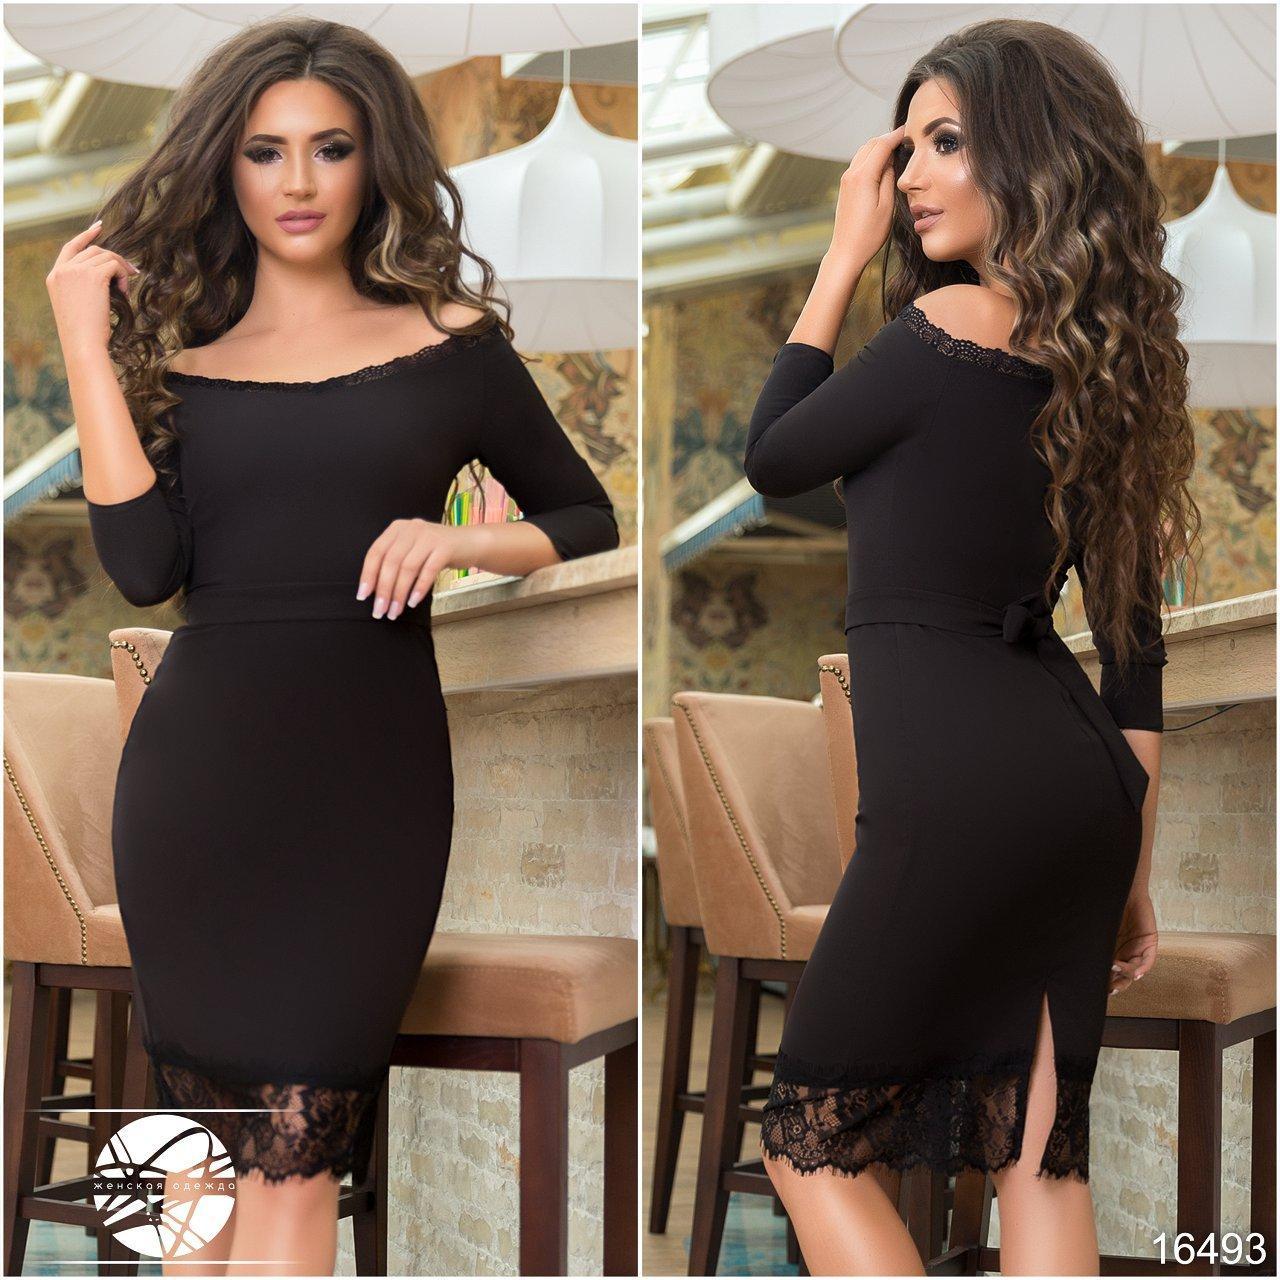 5389310684a Купить Вечернее платье черного цвета с кружевом. Модель 16493 в ...